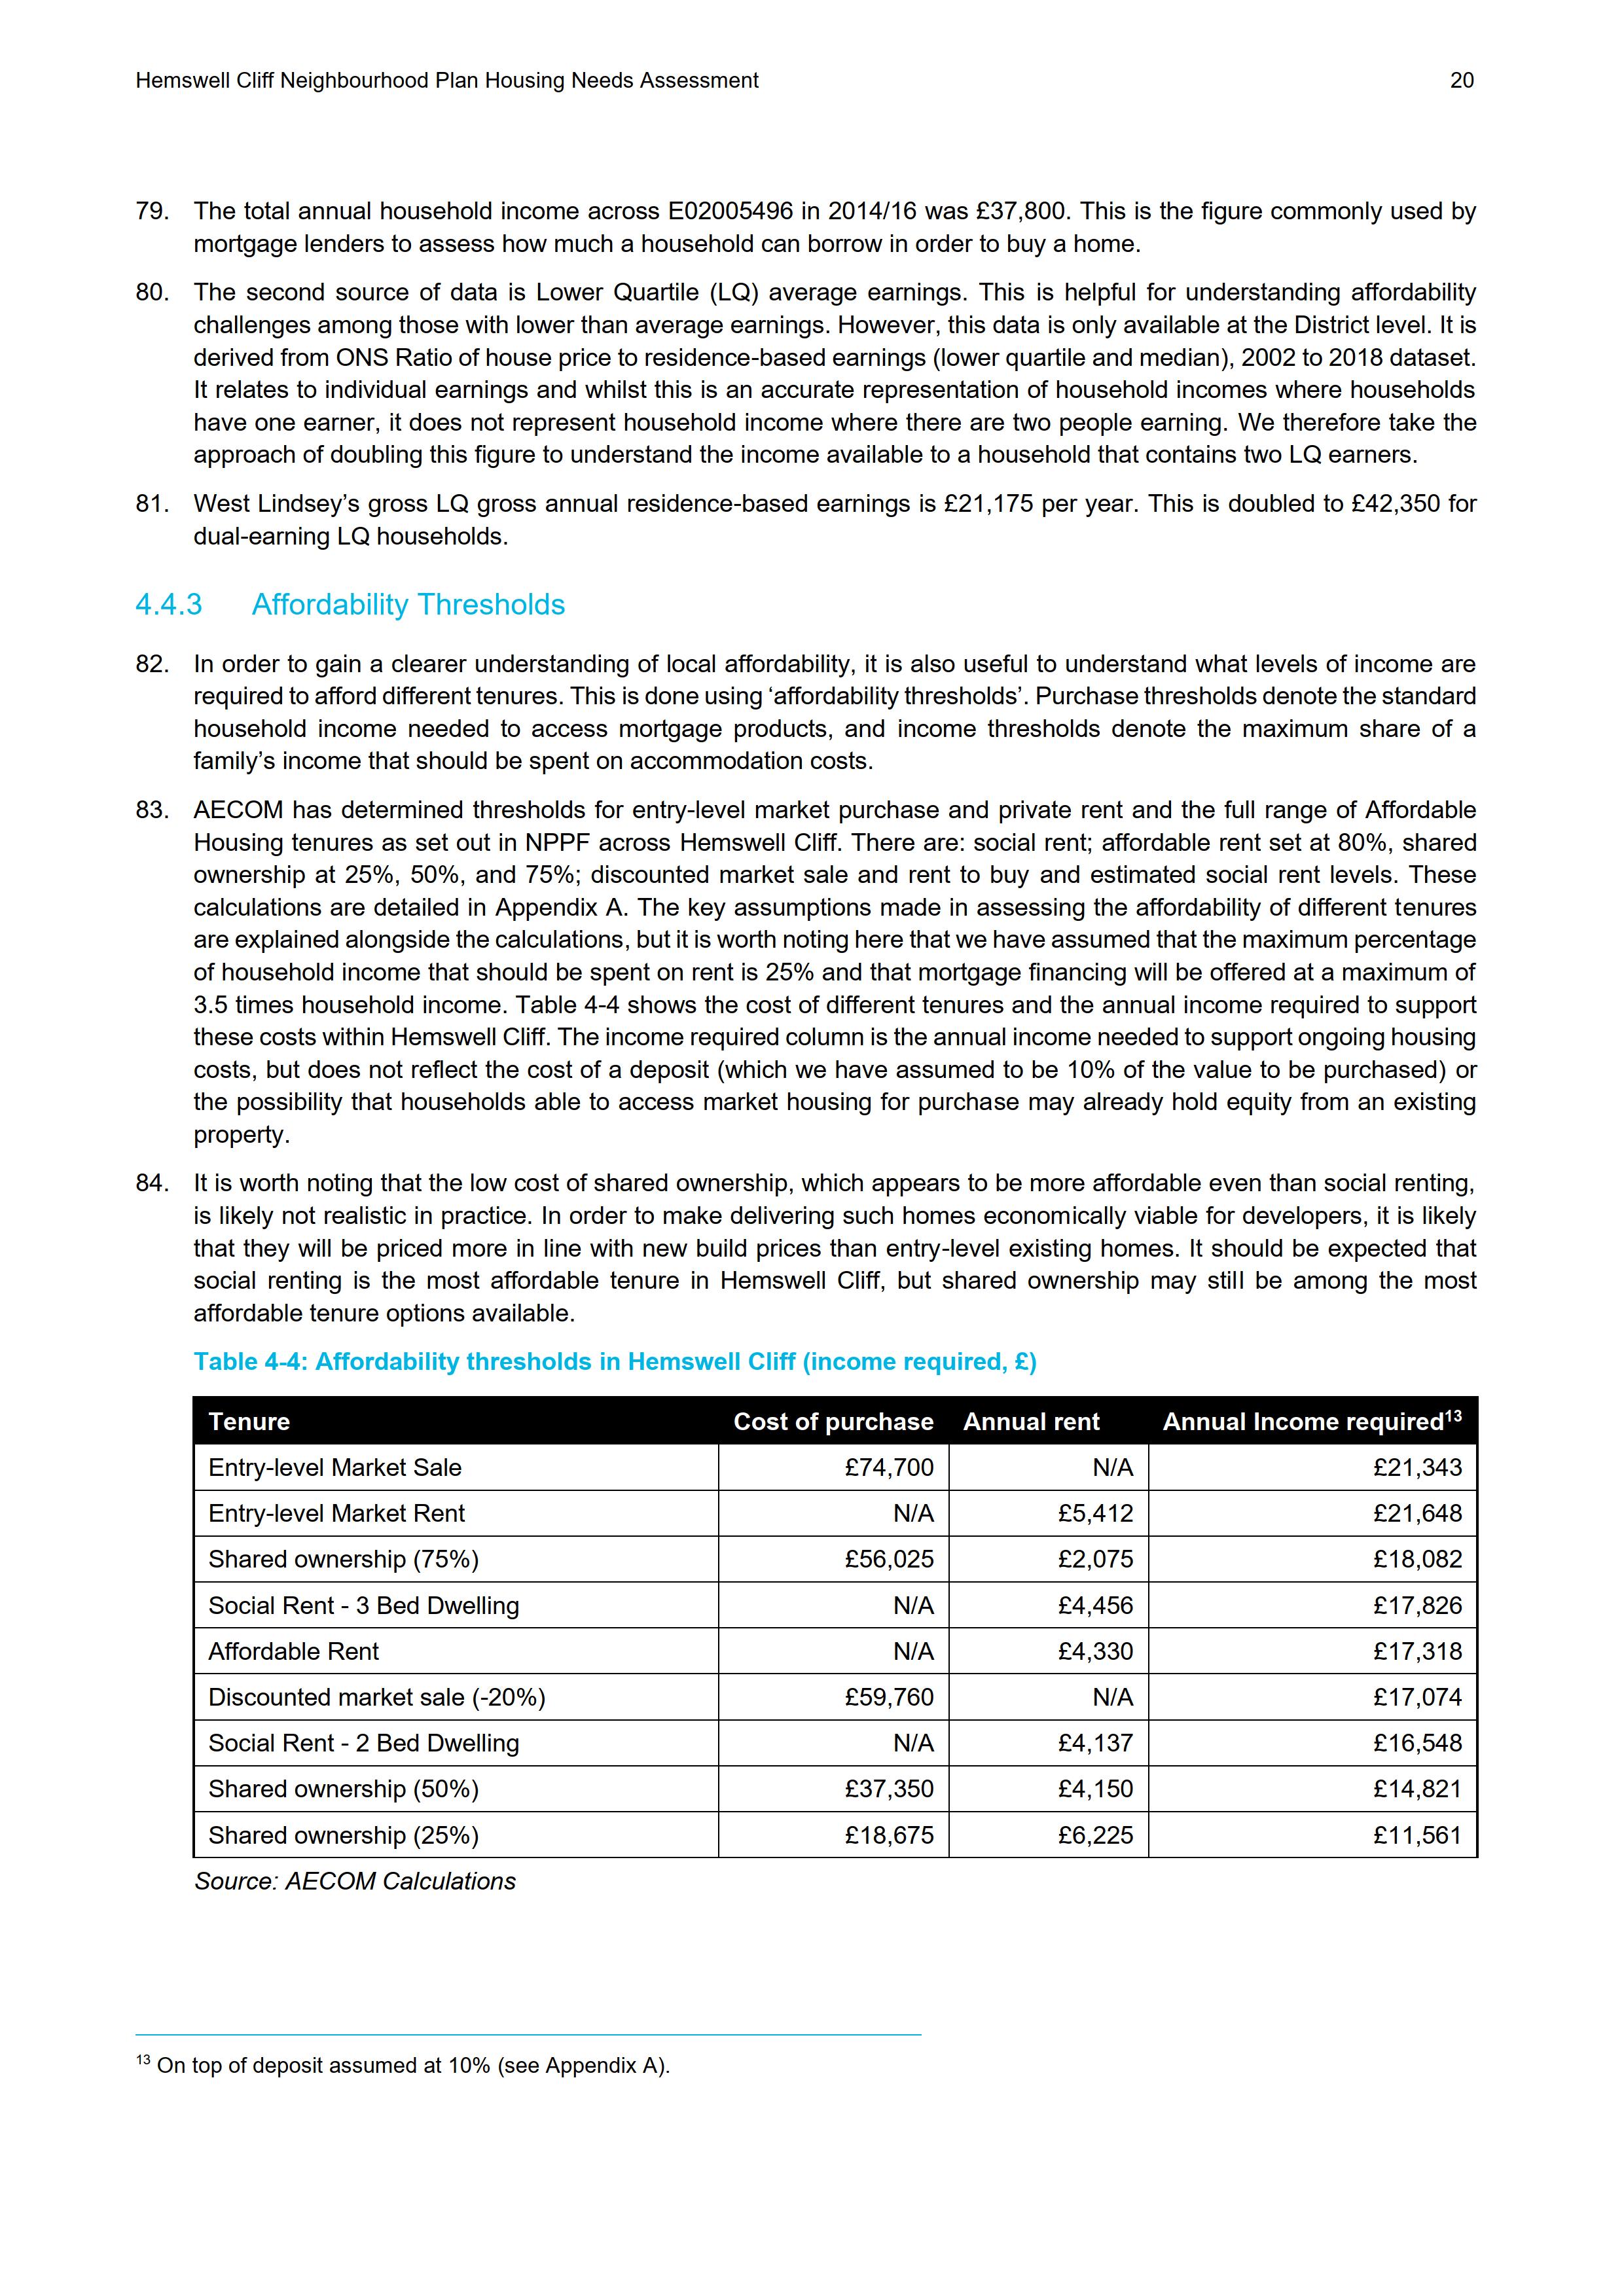 Hemswell_Cliff_Housing_Needs_Assessment_Final_20.png